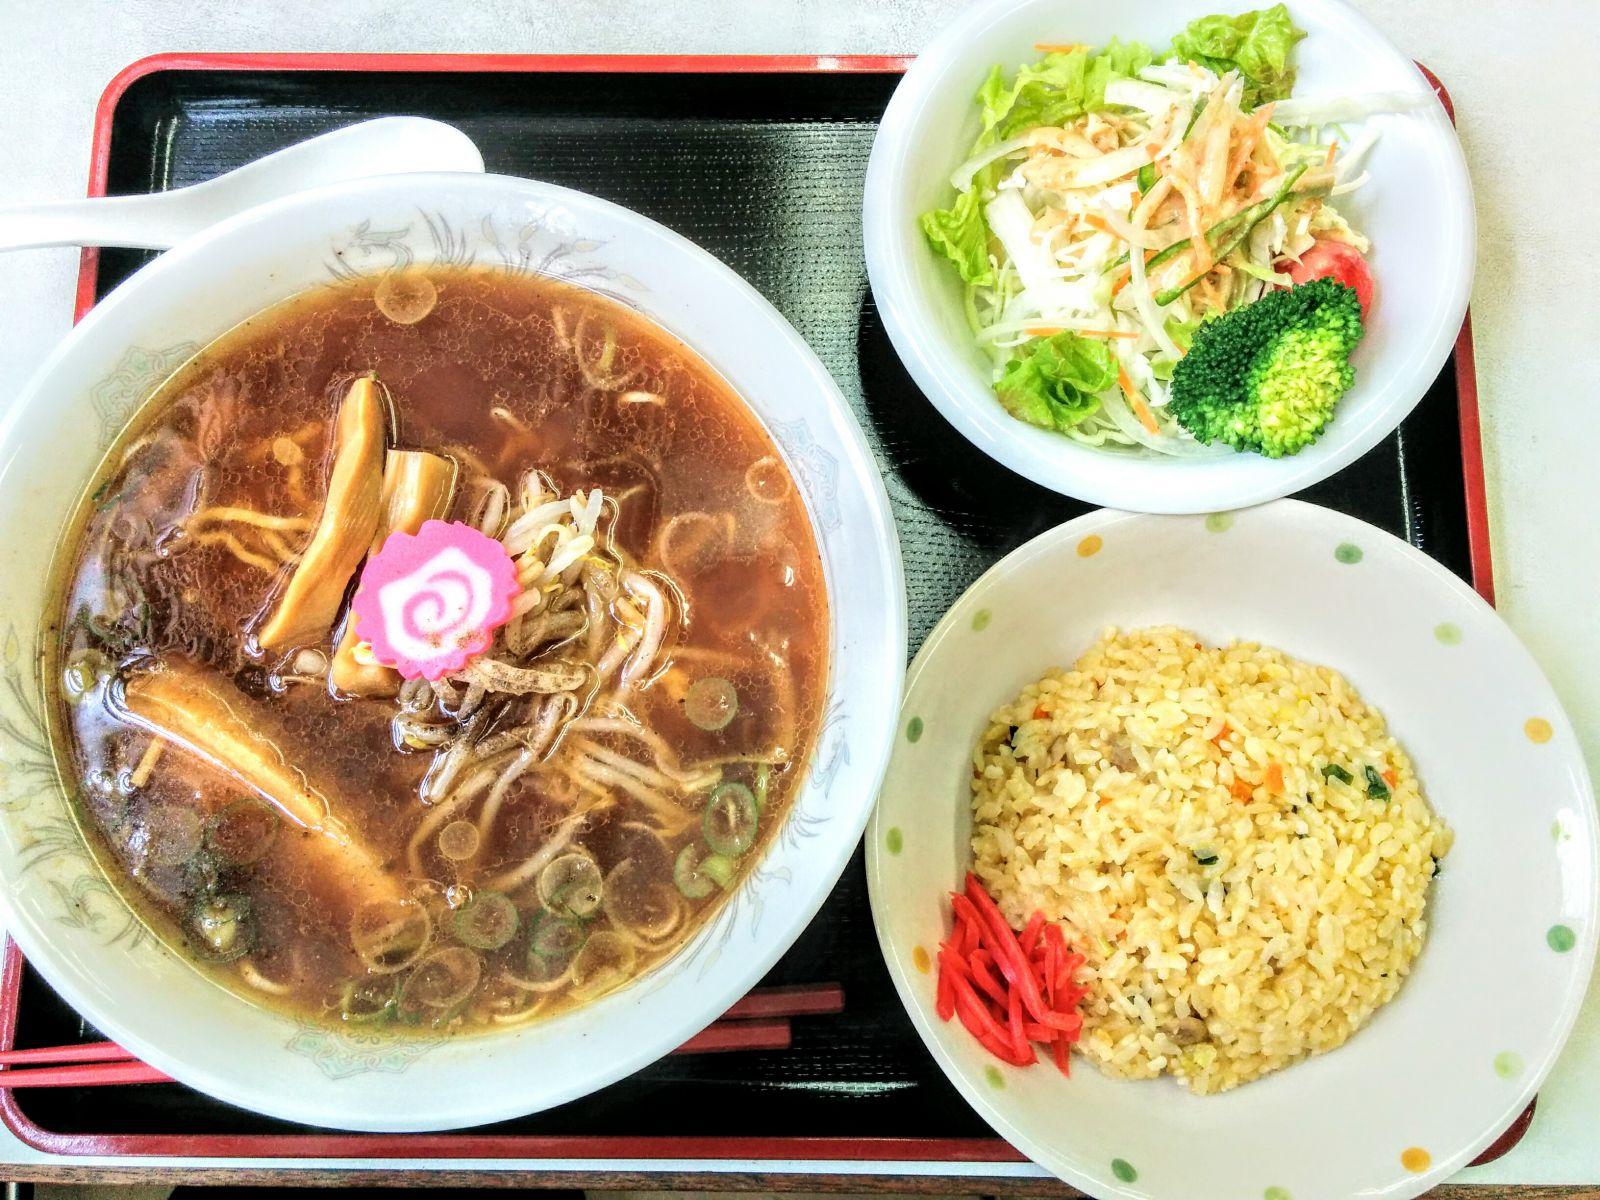 【小樽】小樽市役所地下1階・さもん食堂グルメ案内です。